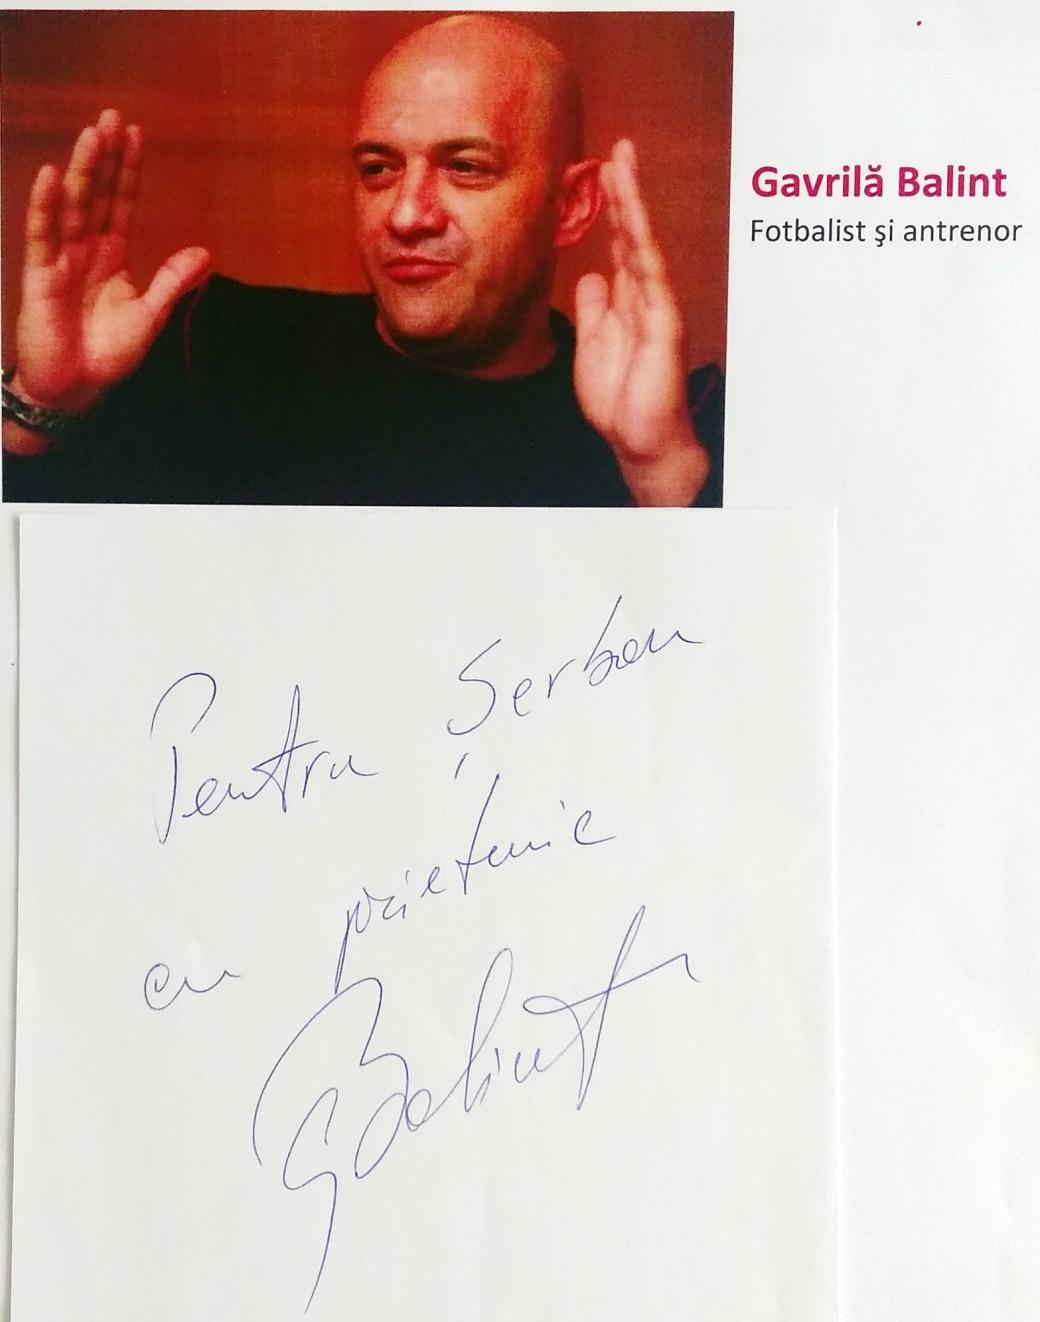 Gavrila Balint